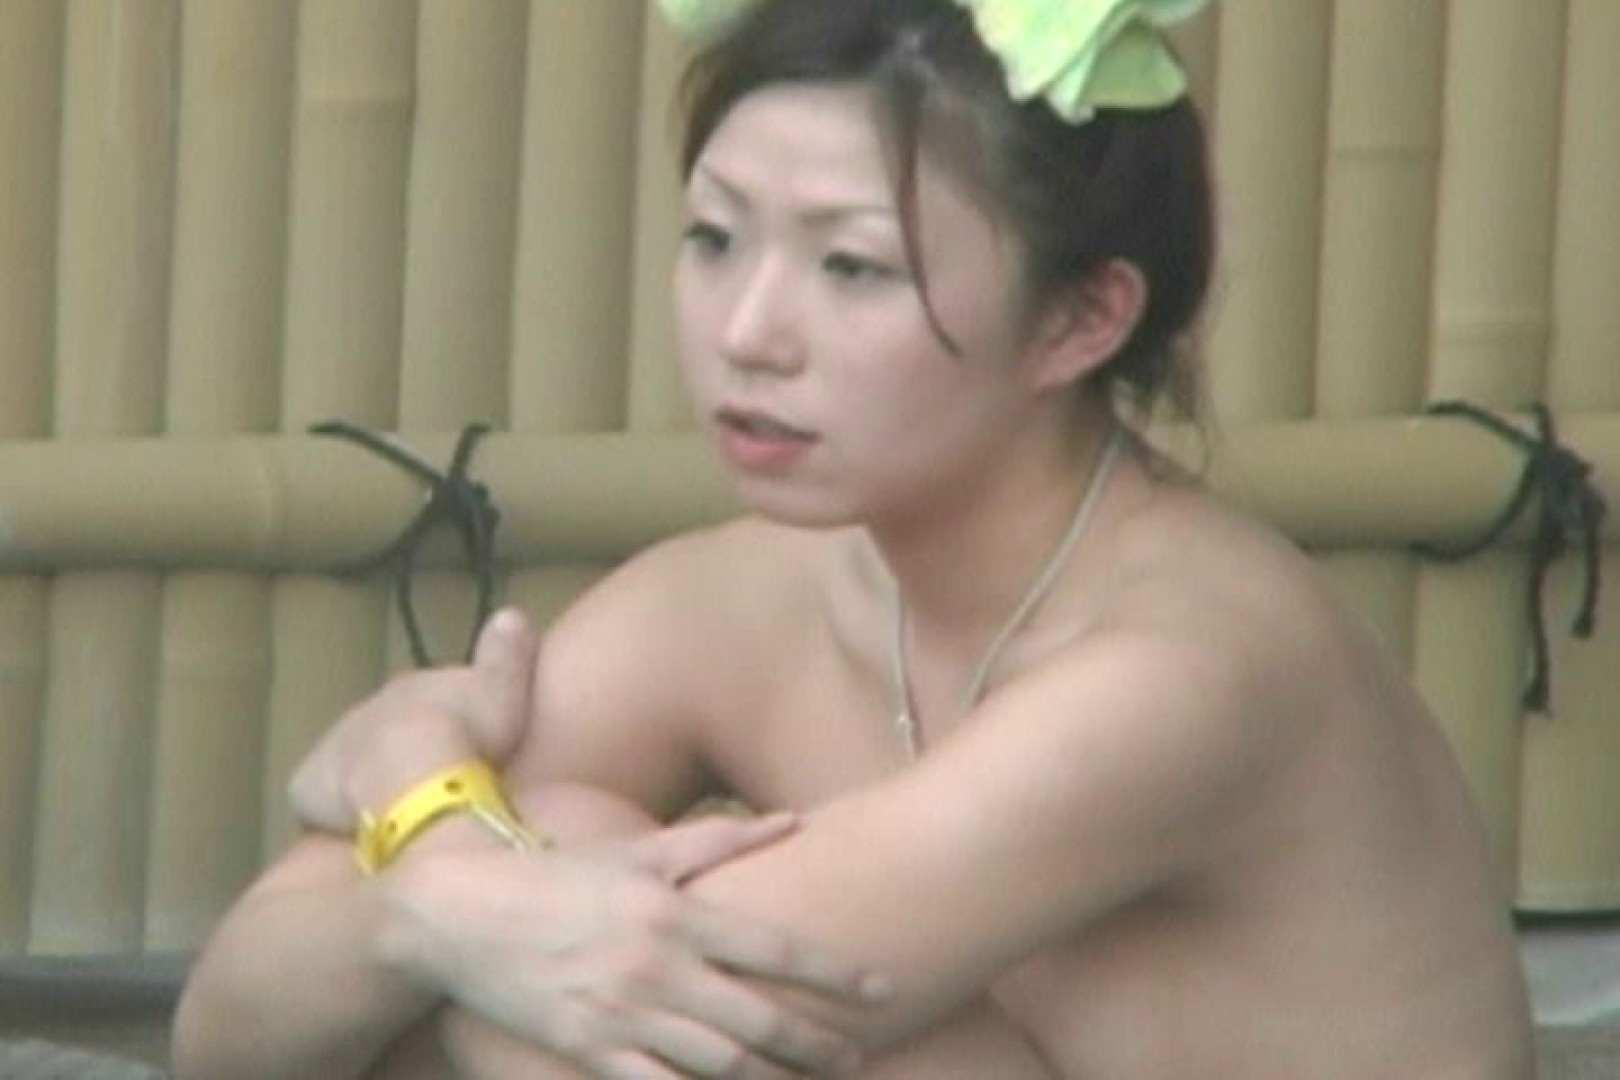 Aquaな露天風呂Vol.593 美しいOLの裸体  83pic 33